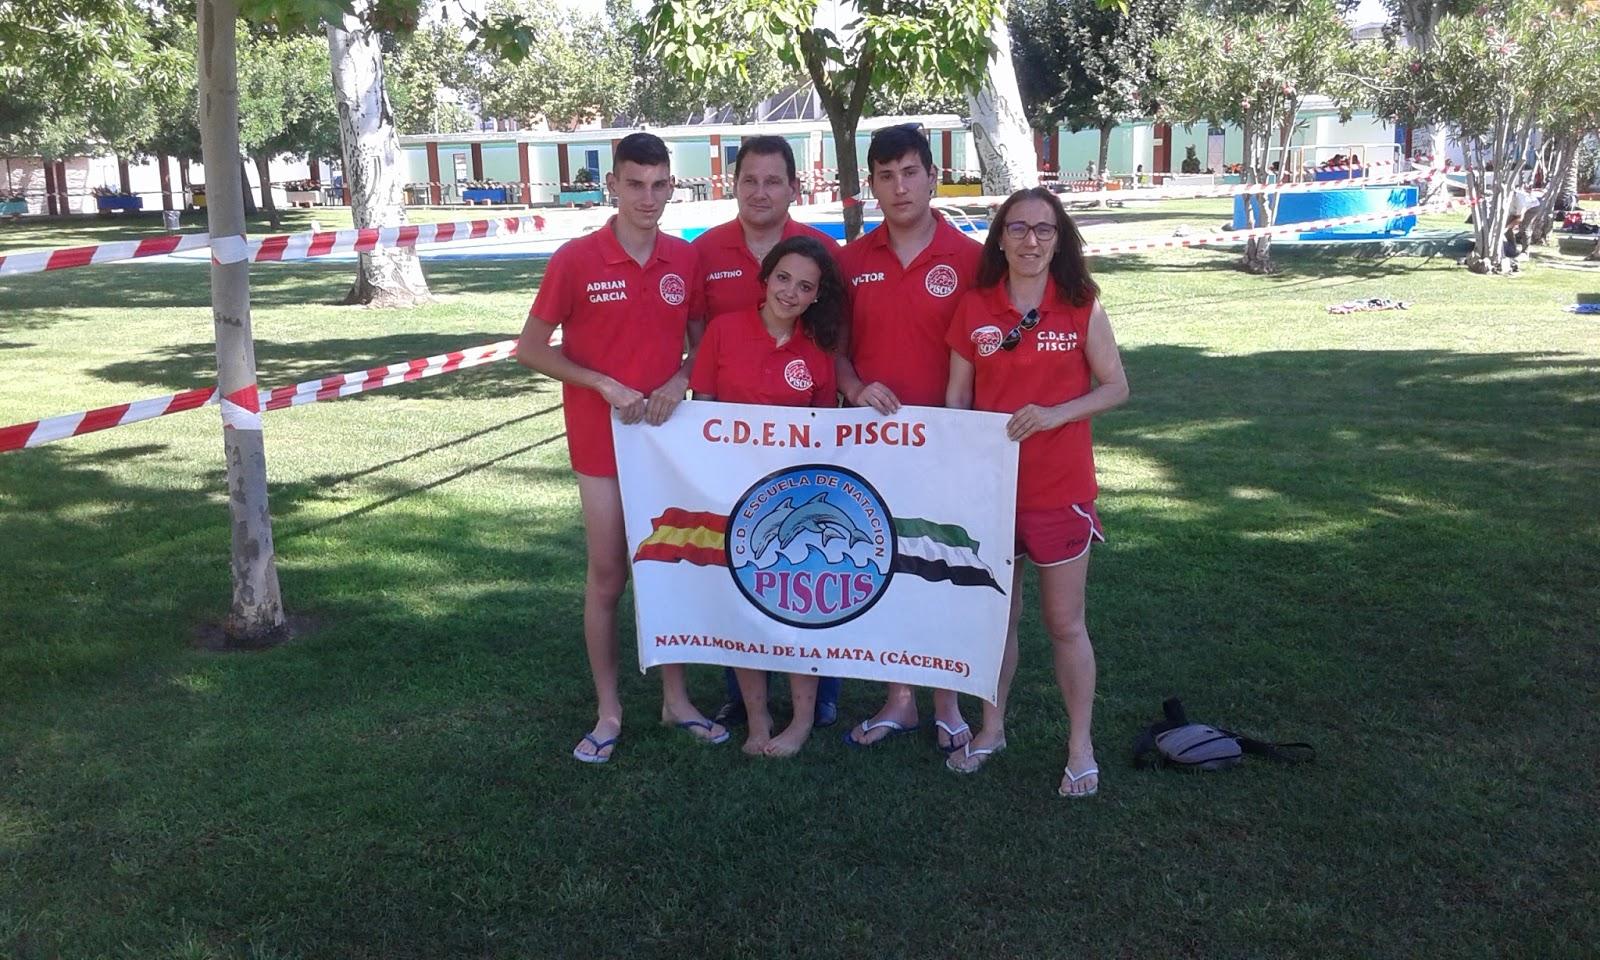 Escuela de natacion piscis ix trofeo don benito cursos for Piscinas naturales navalmoral dela mata